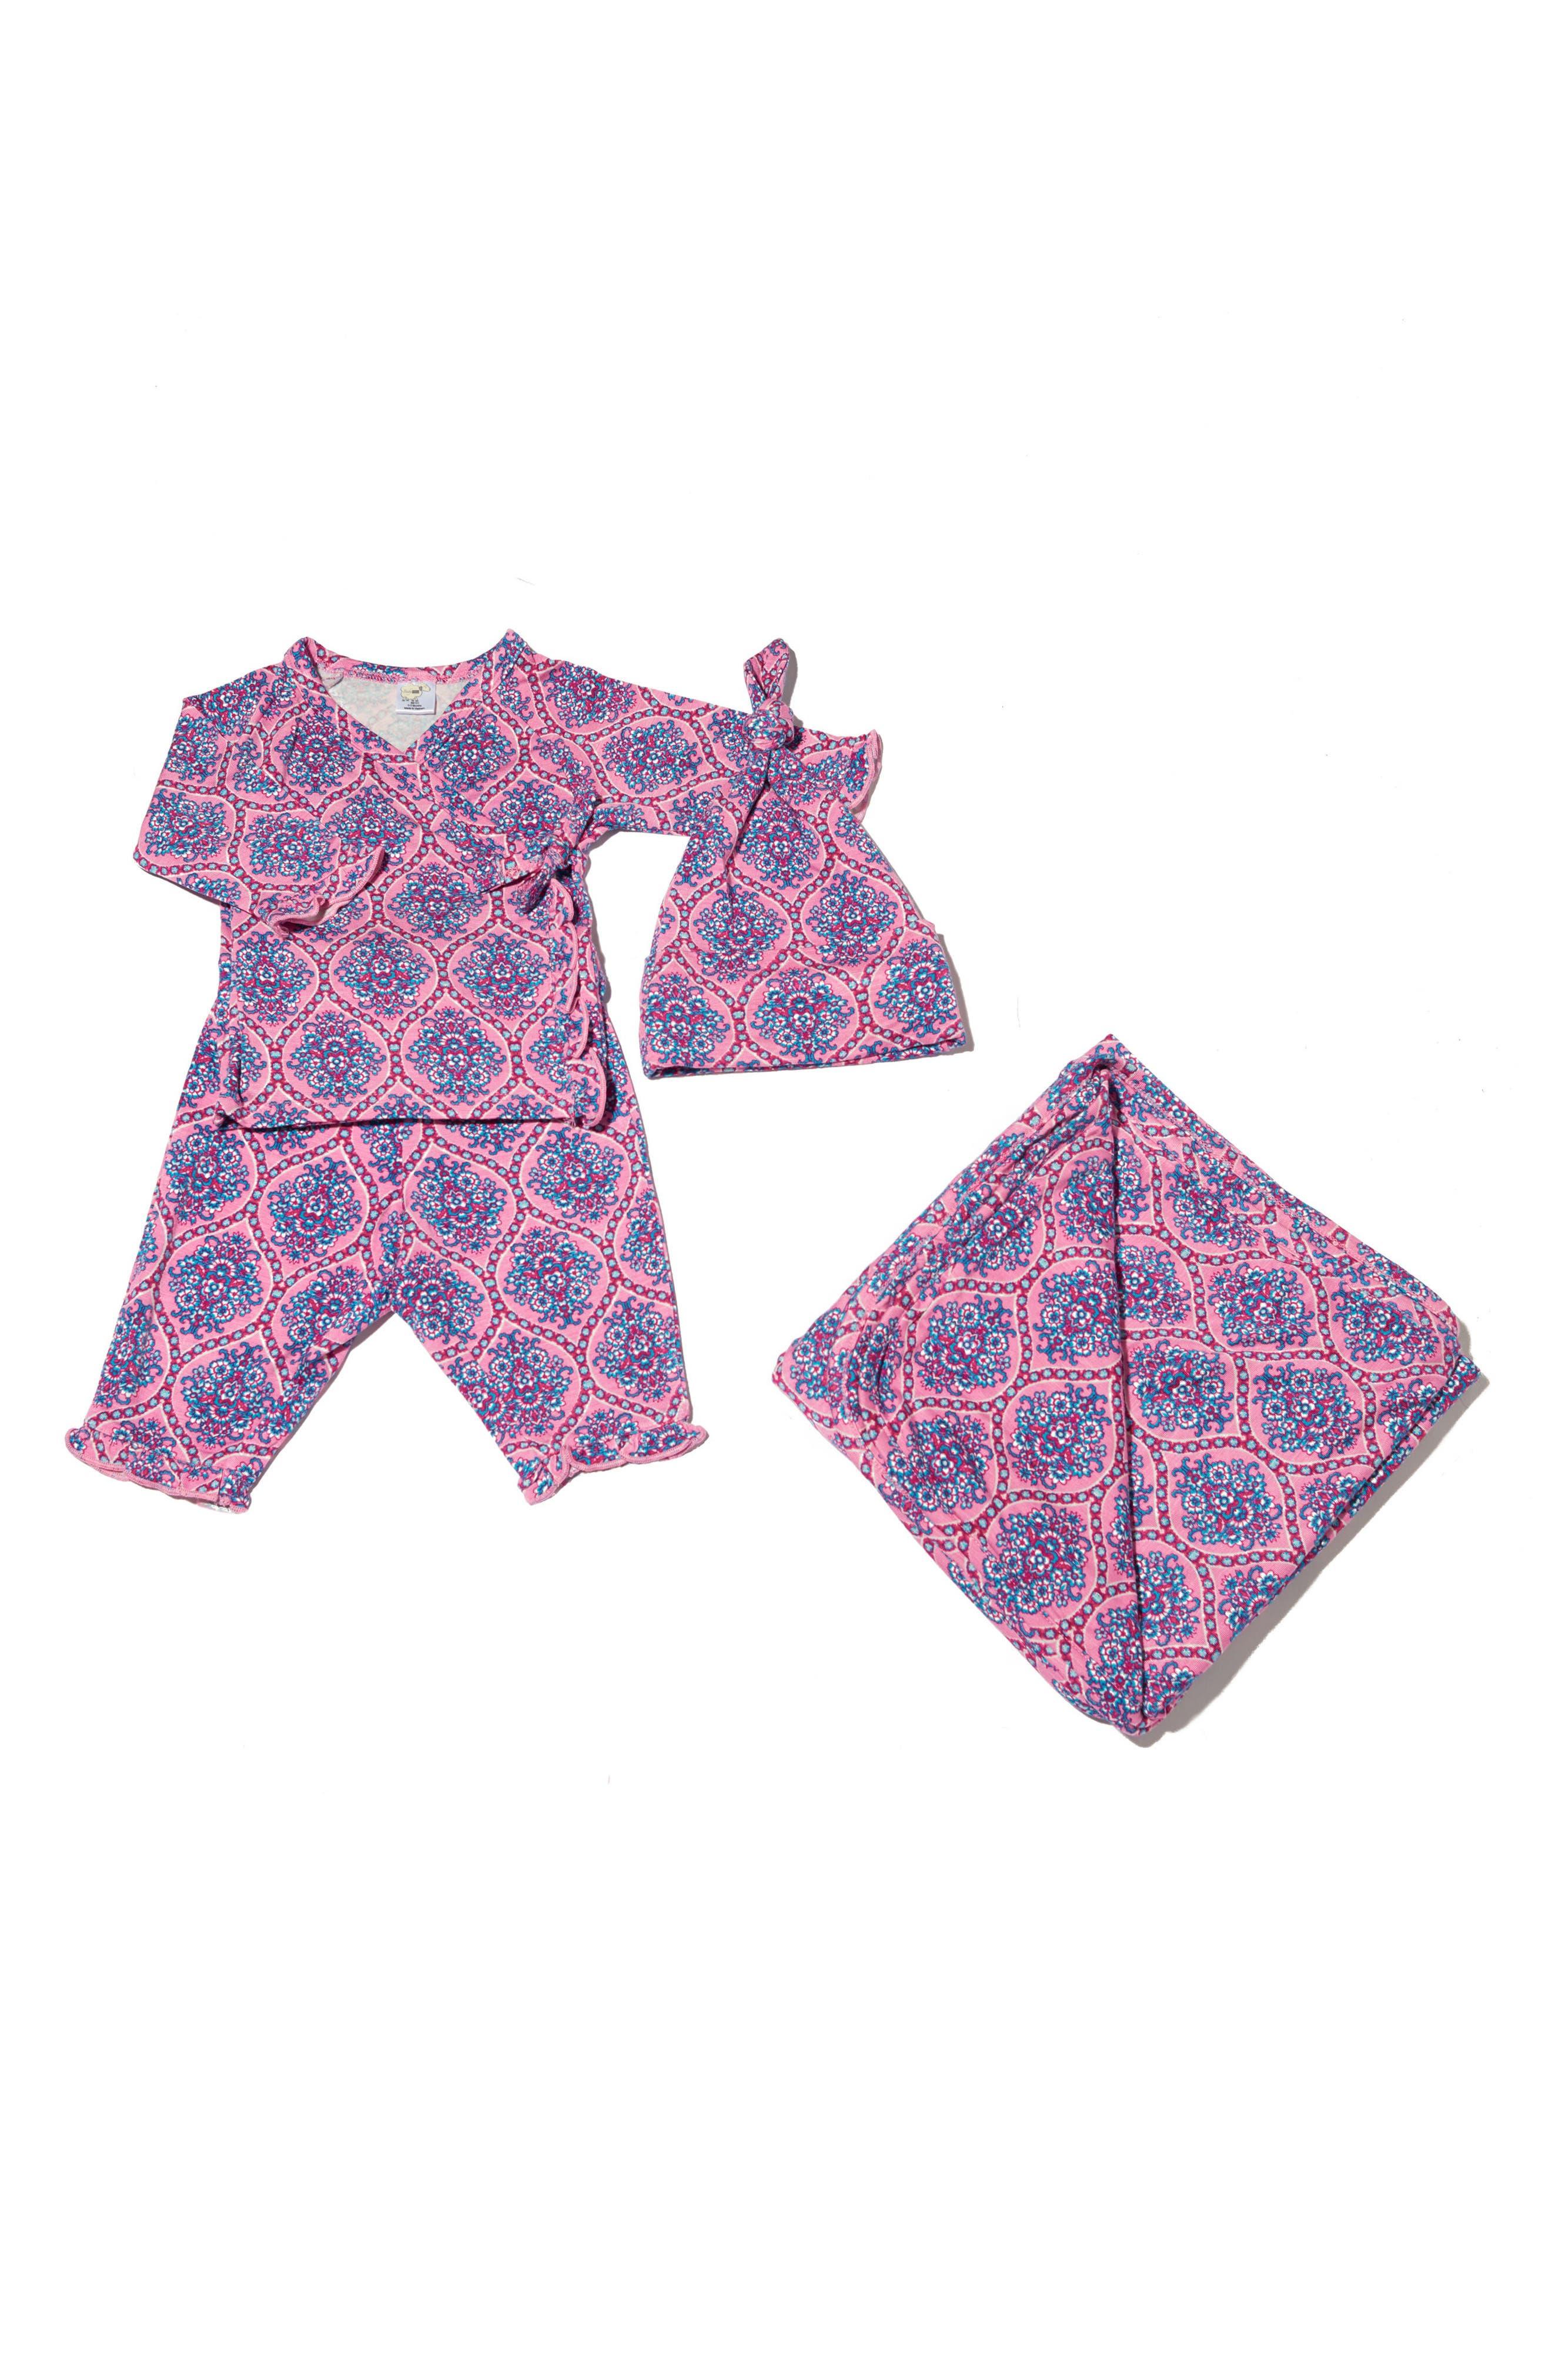 Ruffle Kimono Top, Pants, Hat & Blanket Set,                         Main,                         color, 504